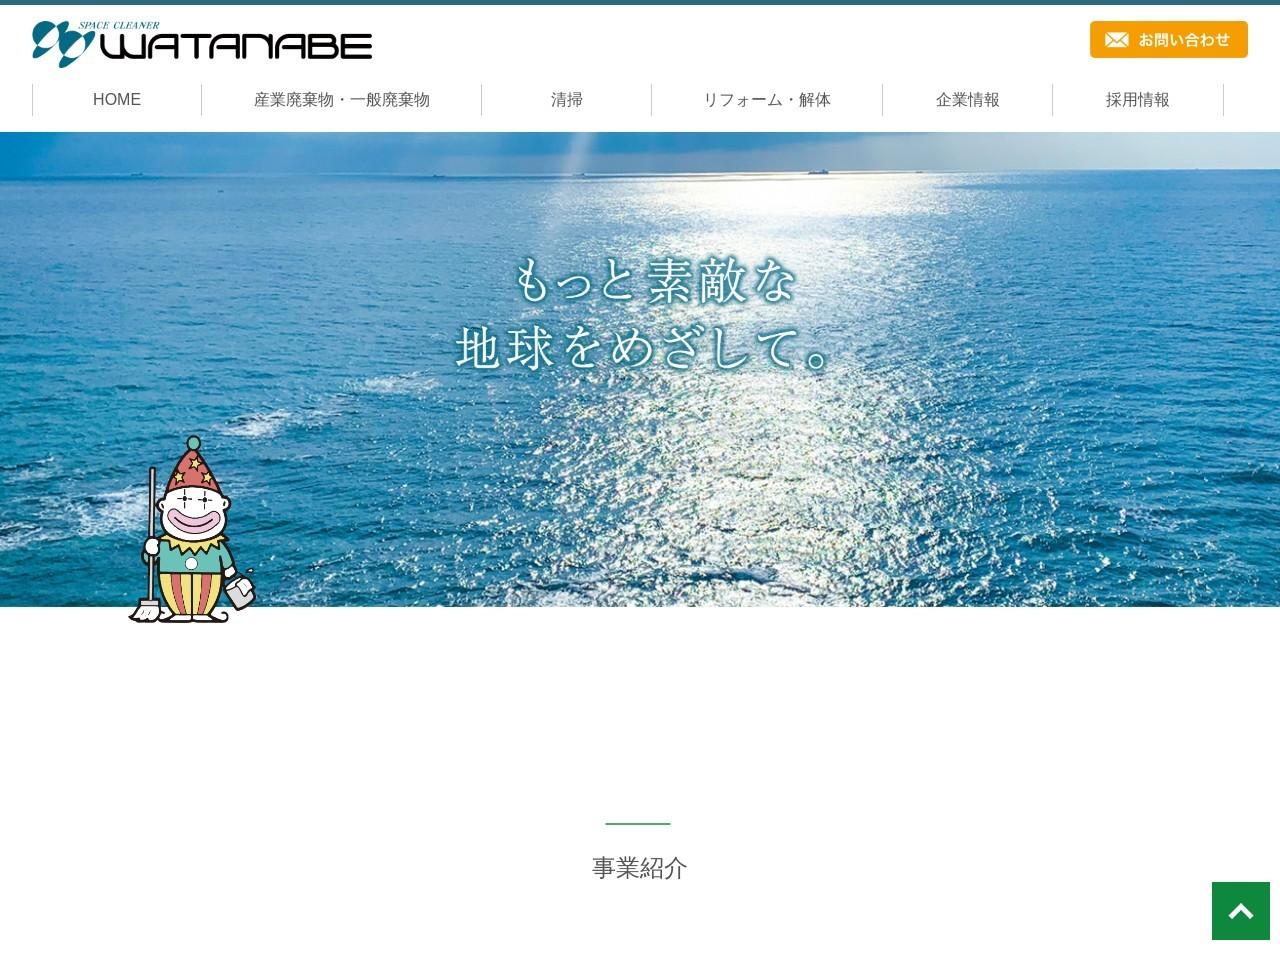 株式会社総合美装ワタナベ